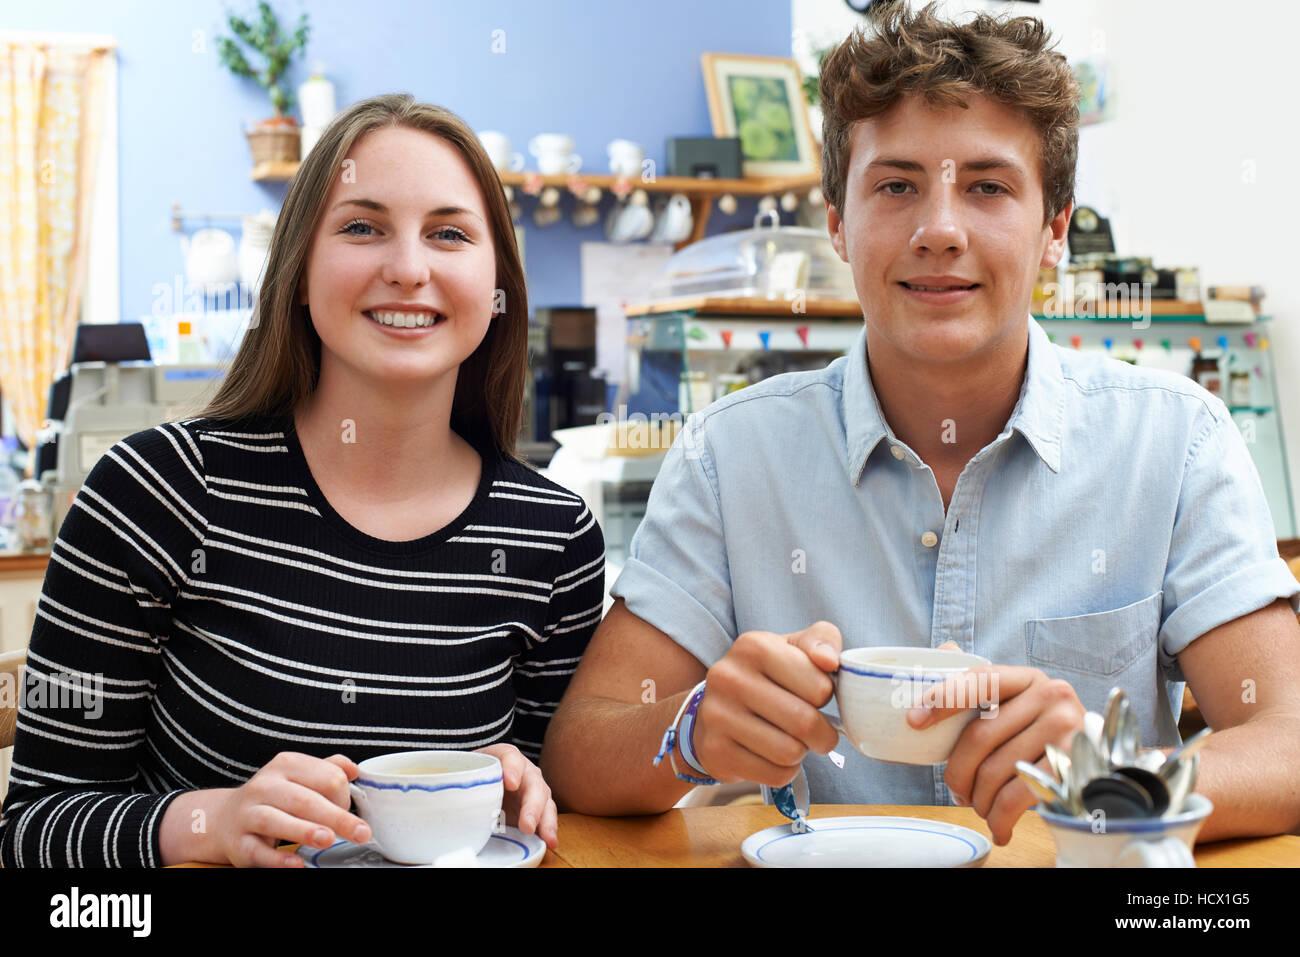 Gruppe von Porträt von Teenager-Paar treffen im Cafe Stockbild